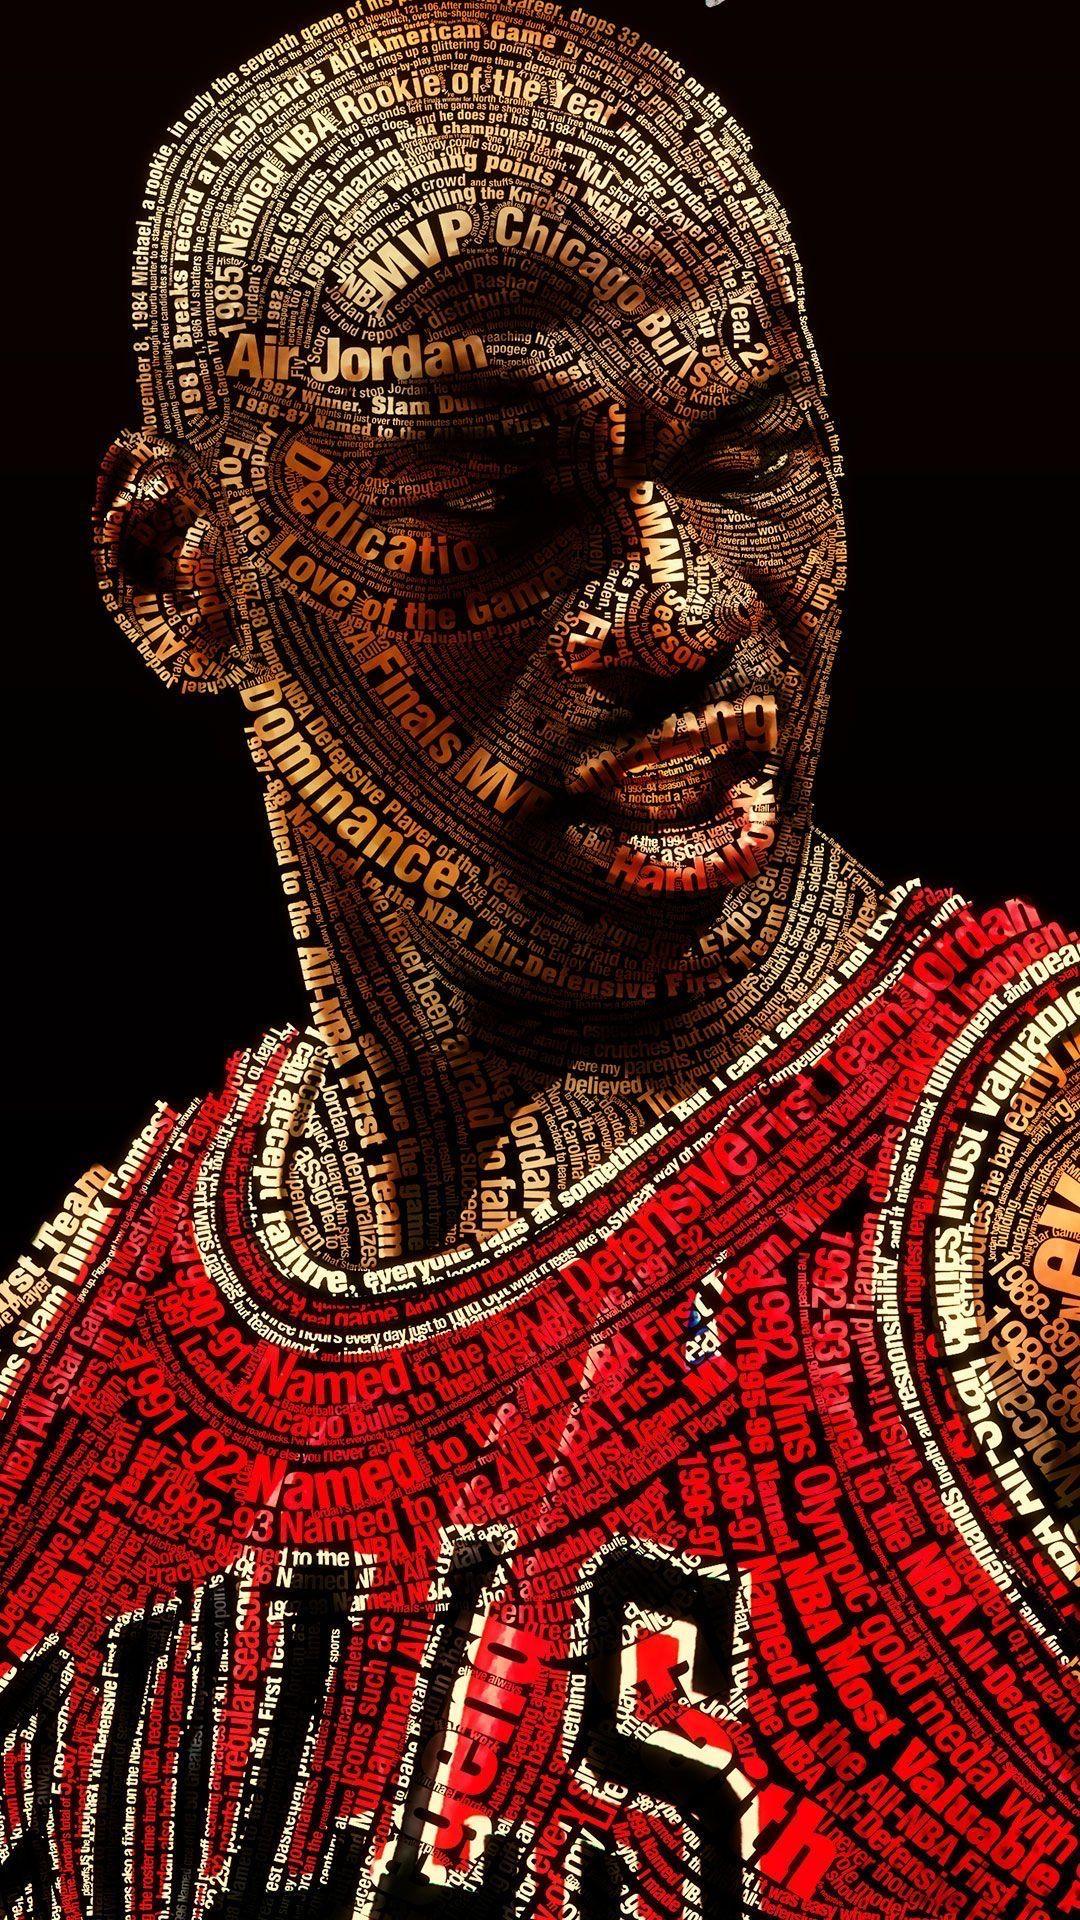 Michael Jordan image by Jeanne Loves Horror💀🔪 in 2020